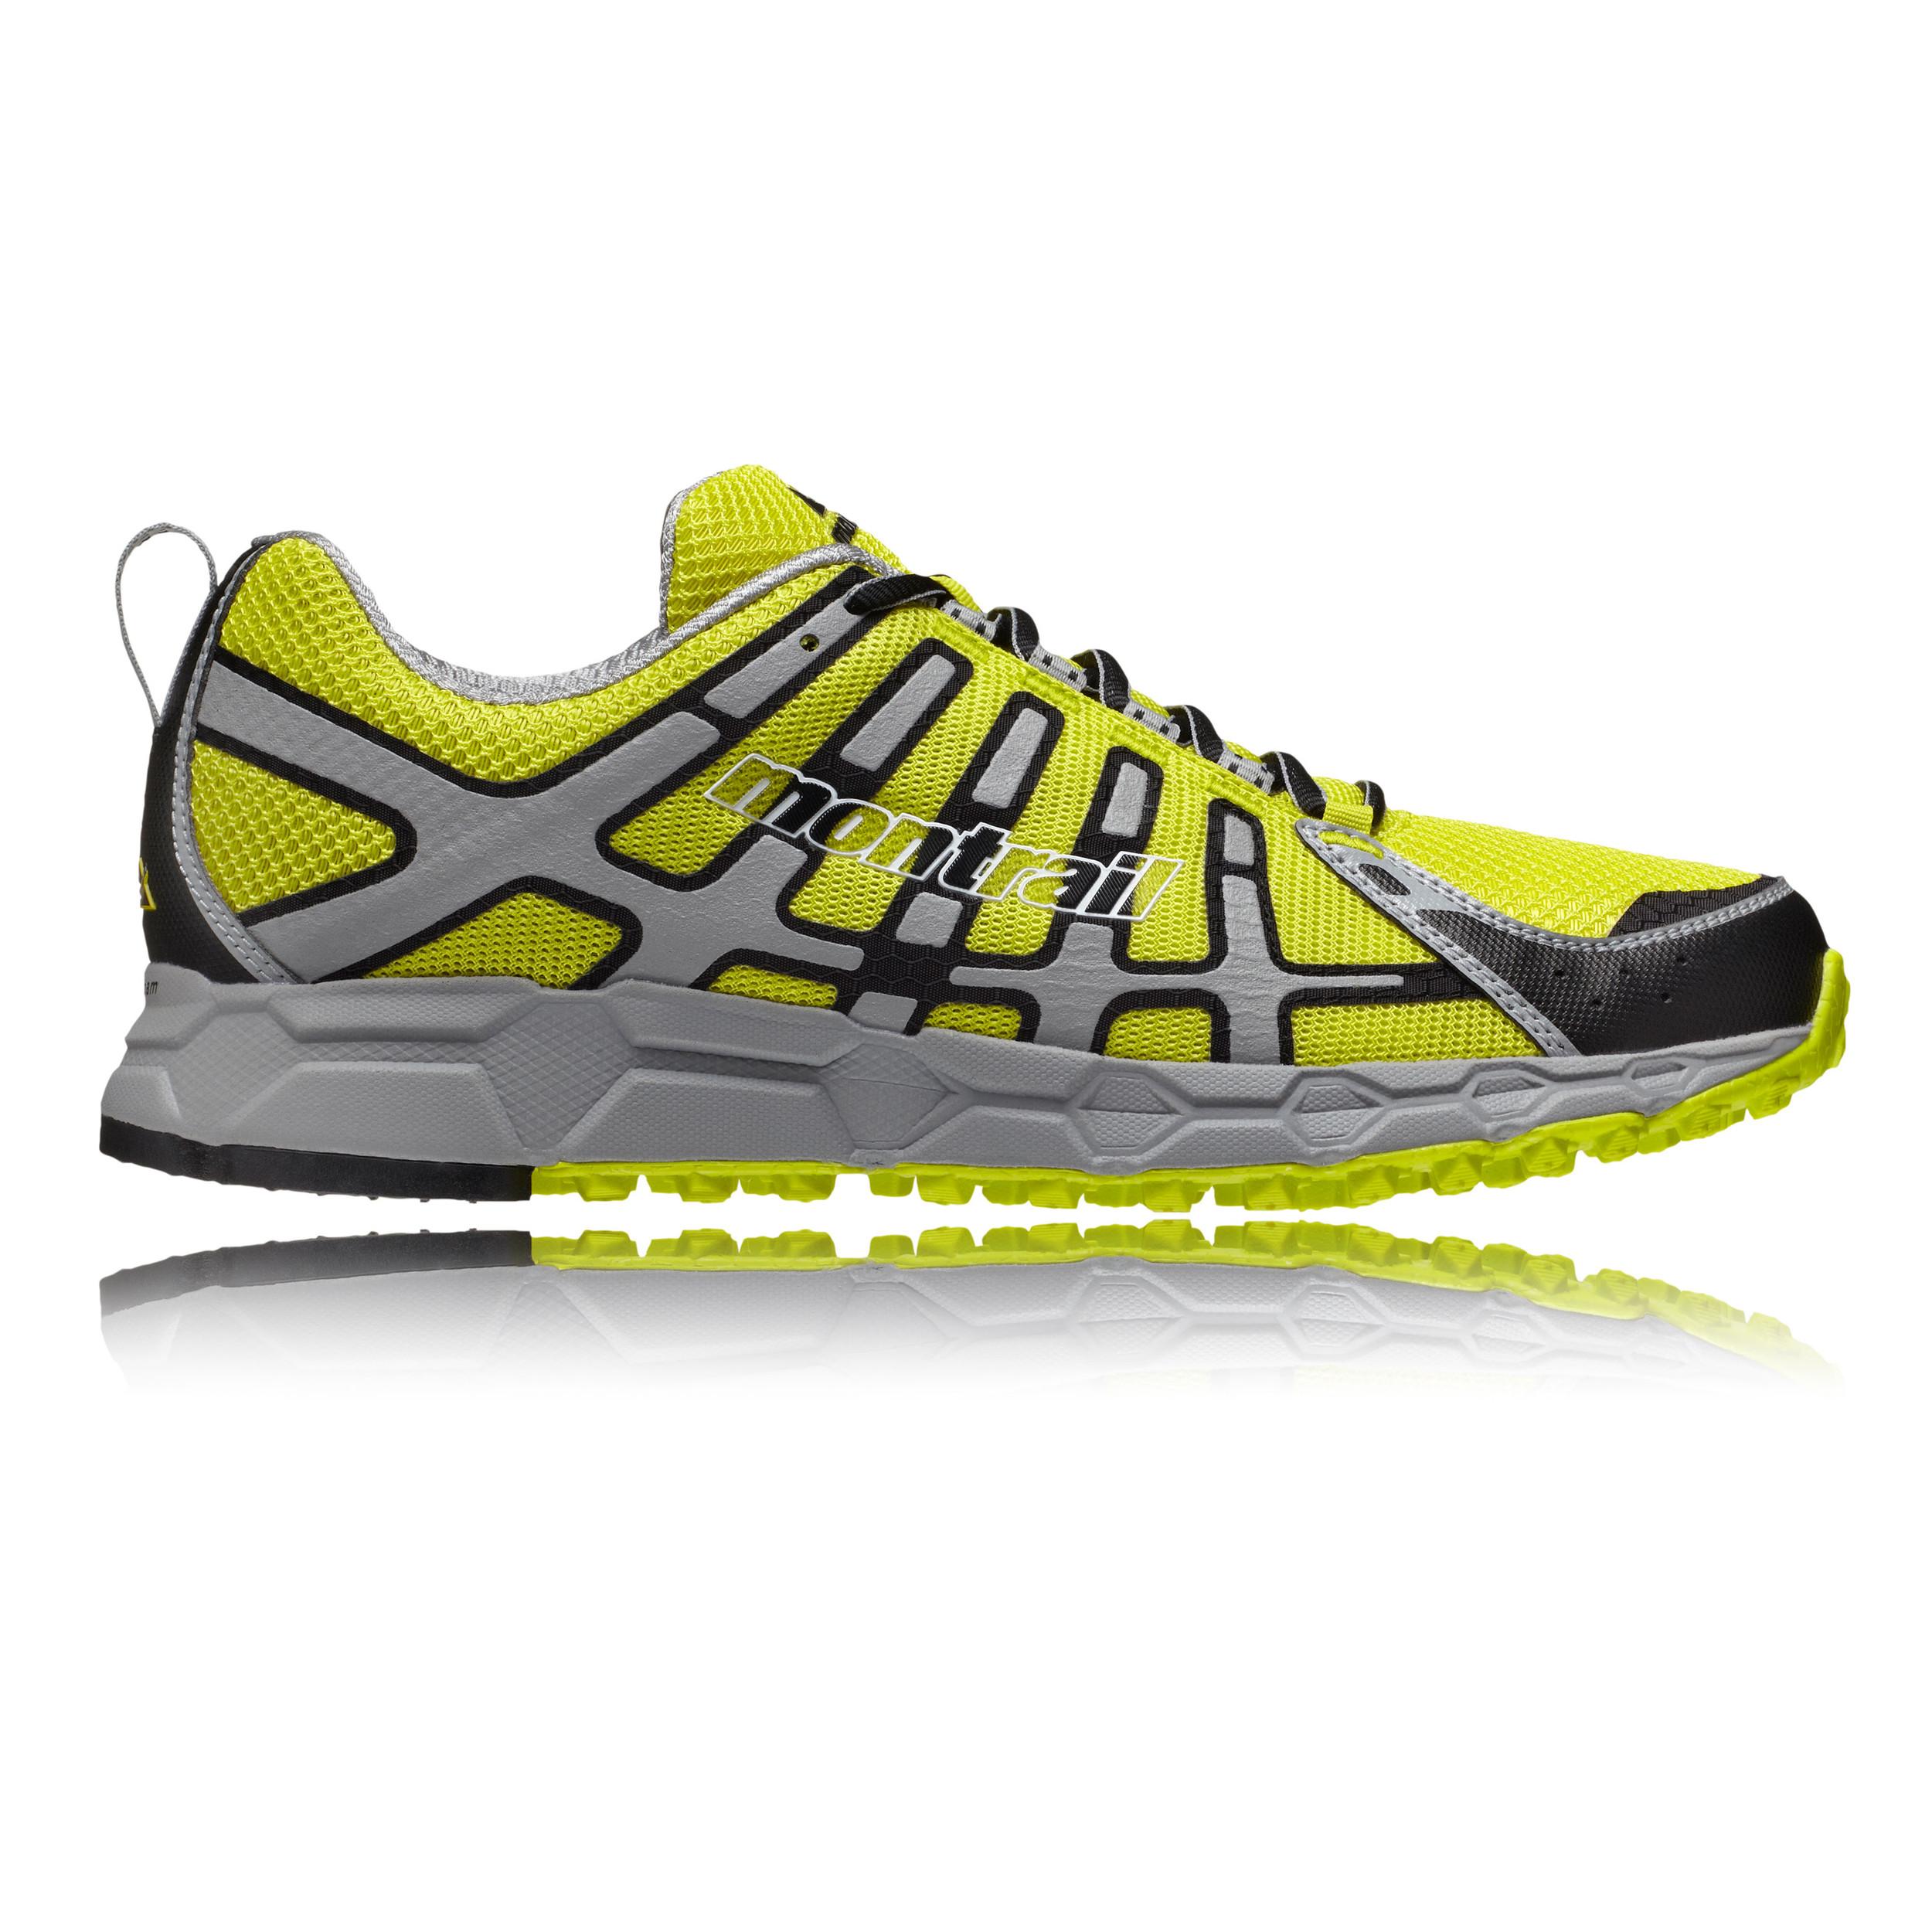 Montrail-Bajada-II-Mens-Green-Trail-Running-Sports-